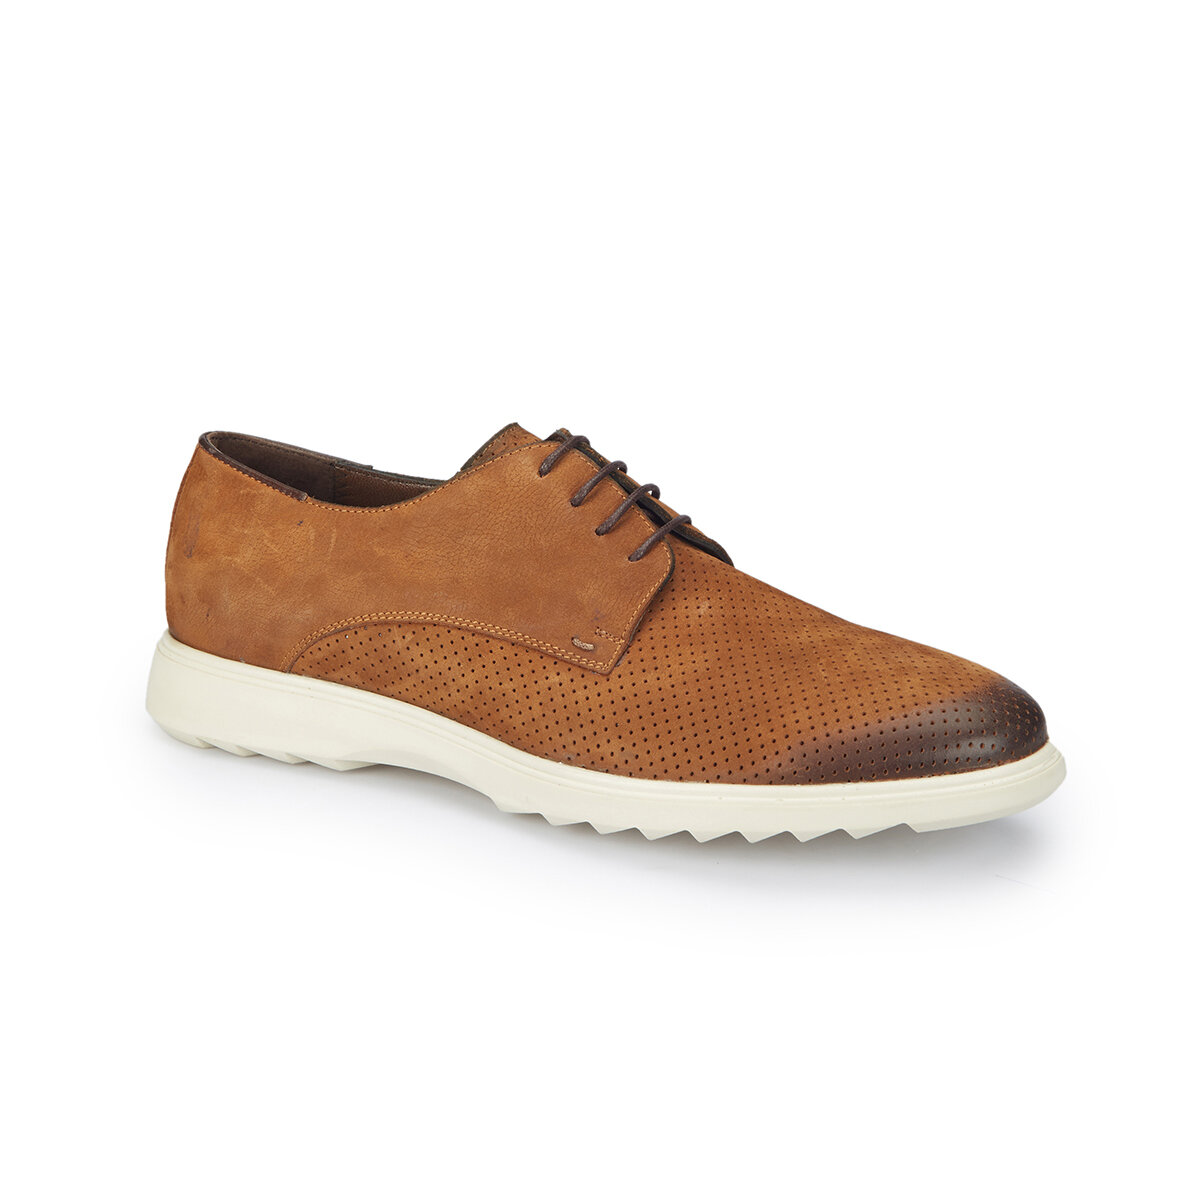 FLO RONAN Tan Men 'S Classic Shoes MERCEDES